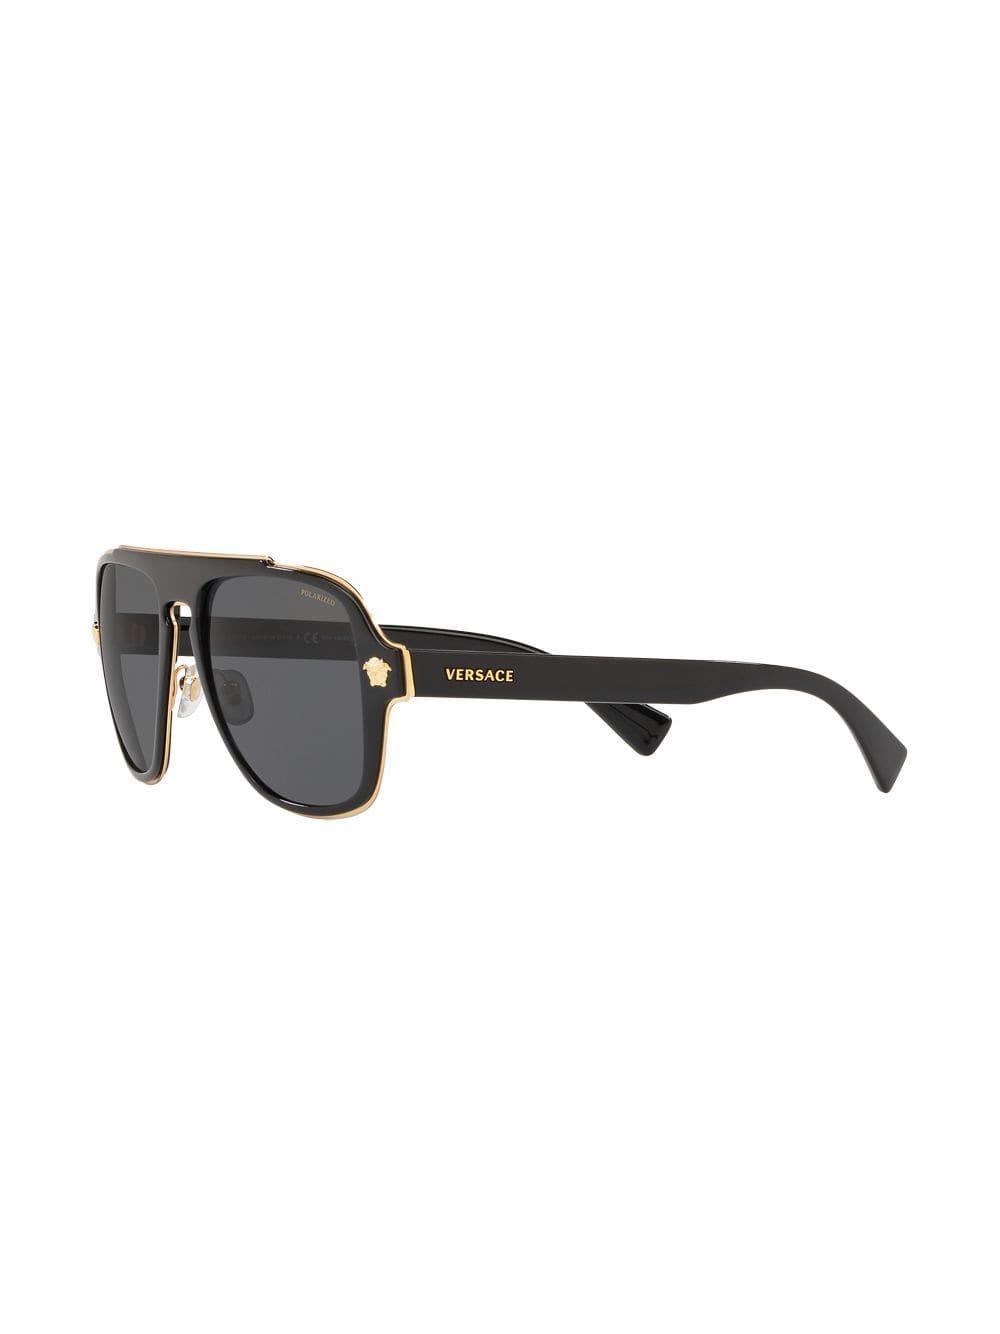 75dce9940f Eyewear gafas de sol cuadradas estilo aviador - negro